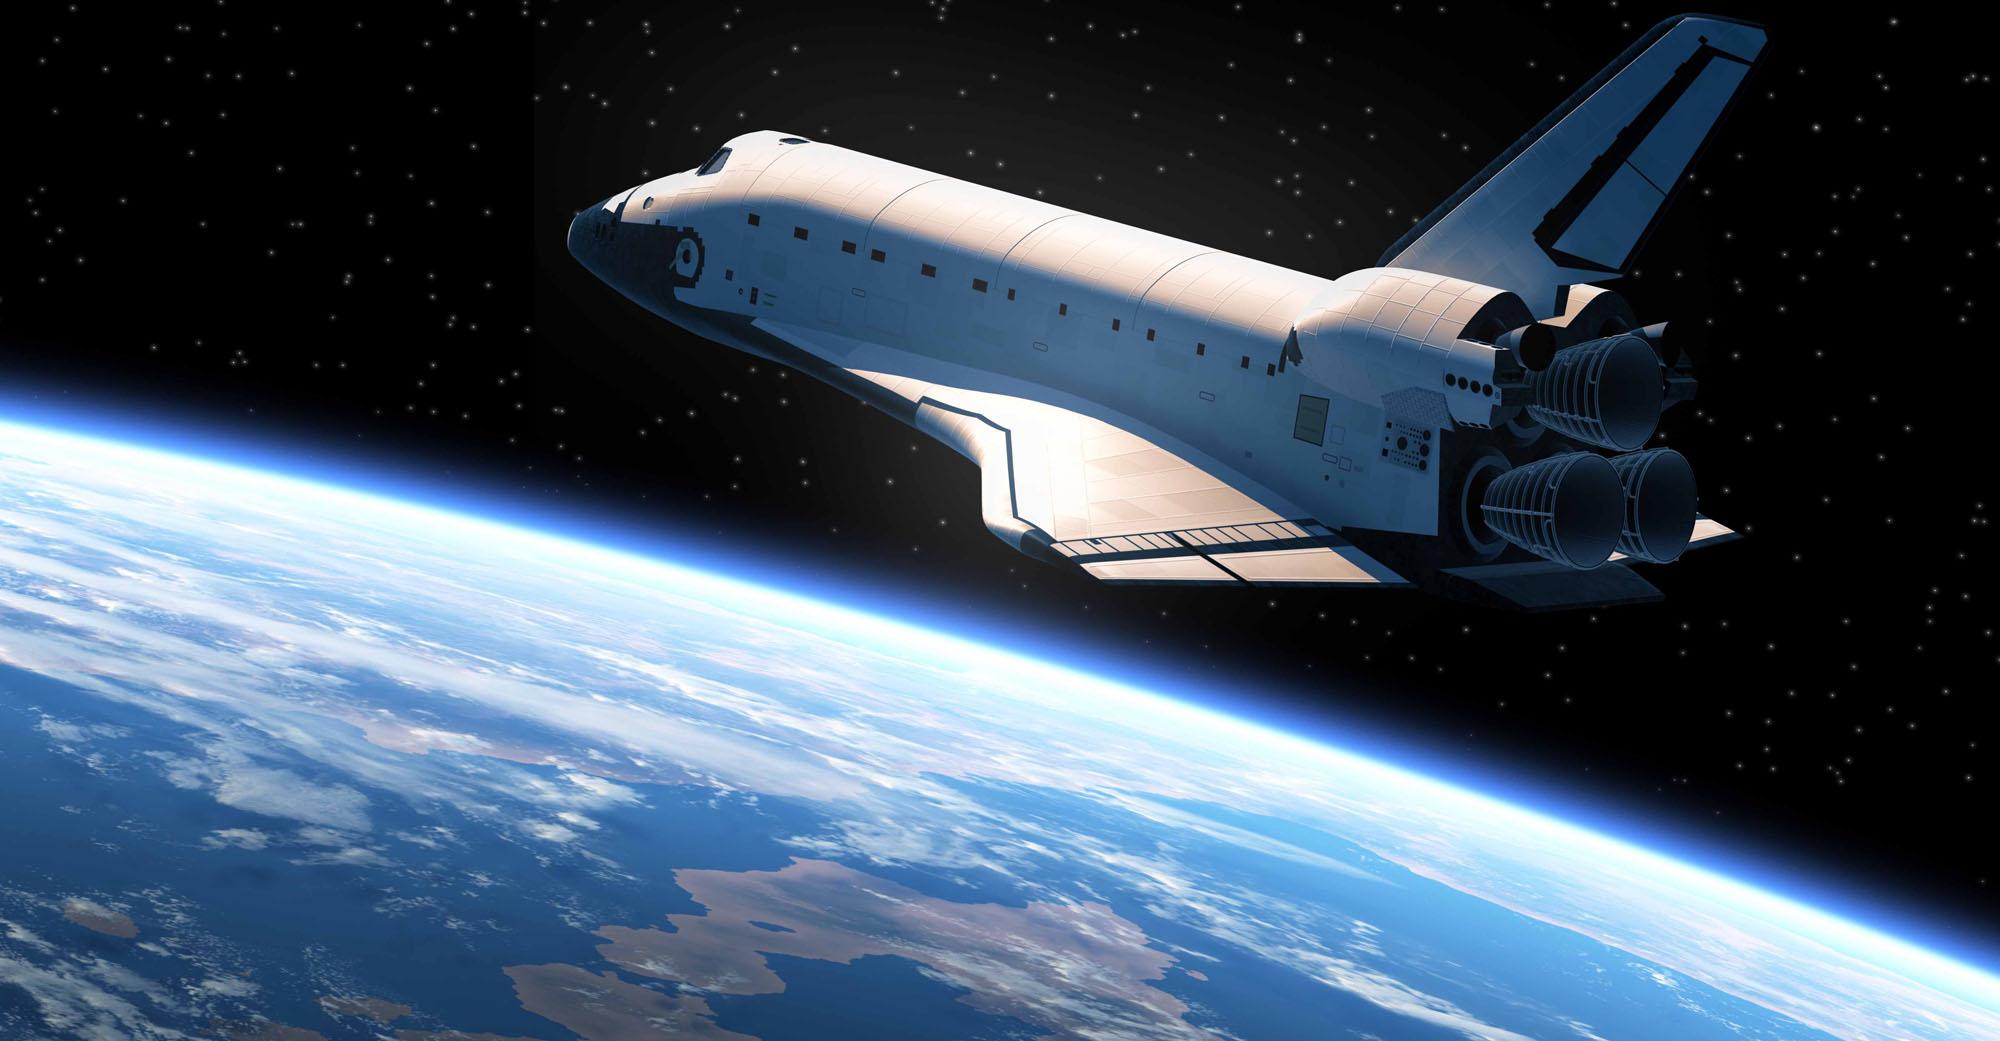 Space-shuttle_w2000